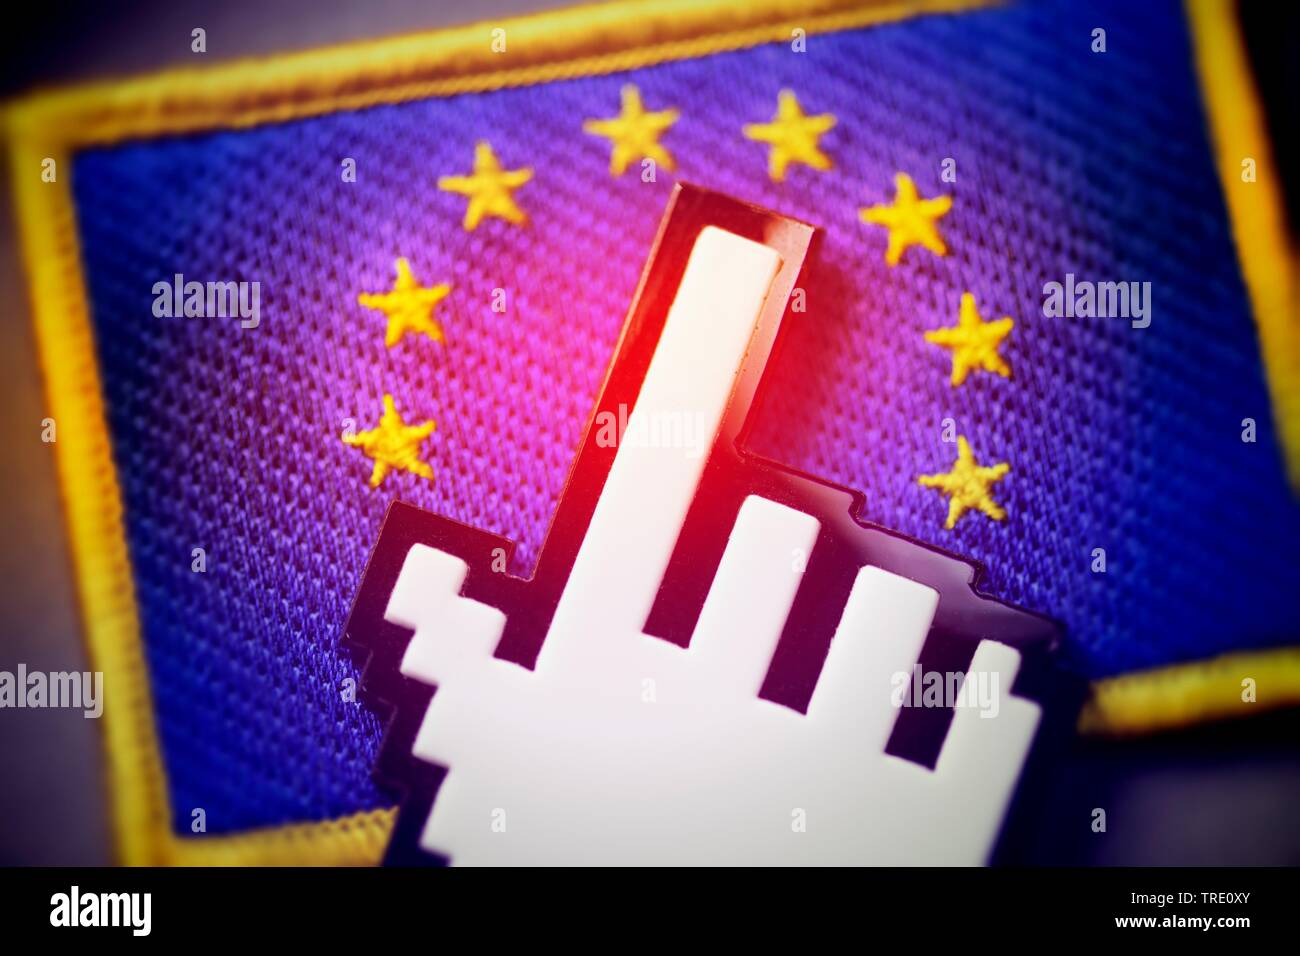 Symbol für das in der Union umstrittene Digital Sales Tax oder Google Steuer für große Zusammenarbeit besprochen Stockfoto